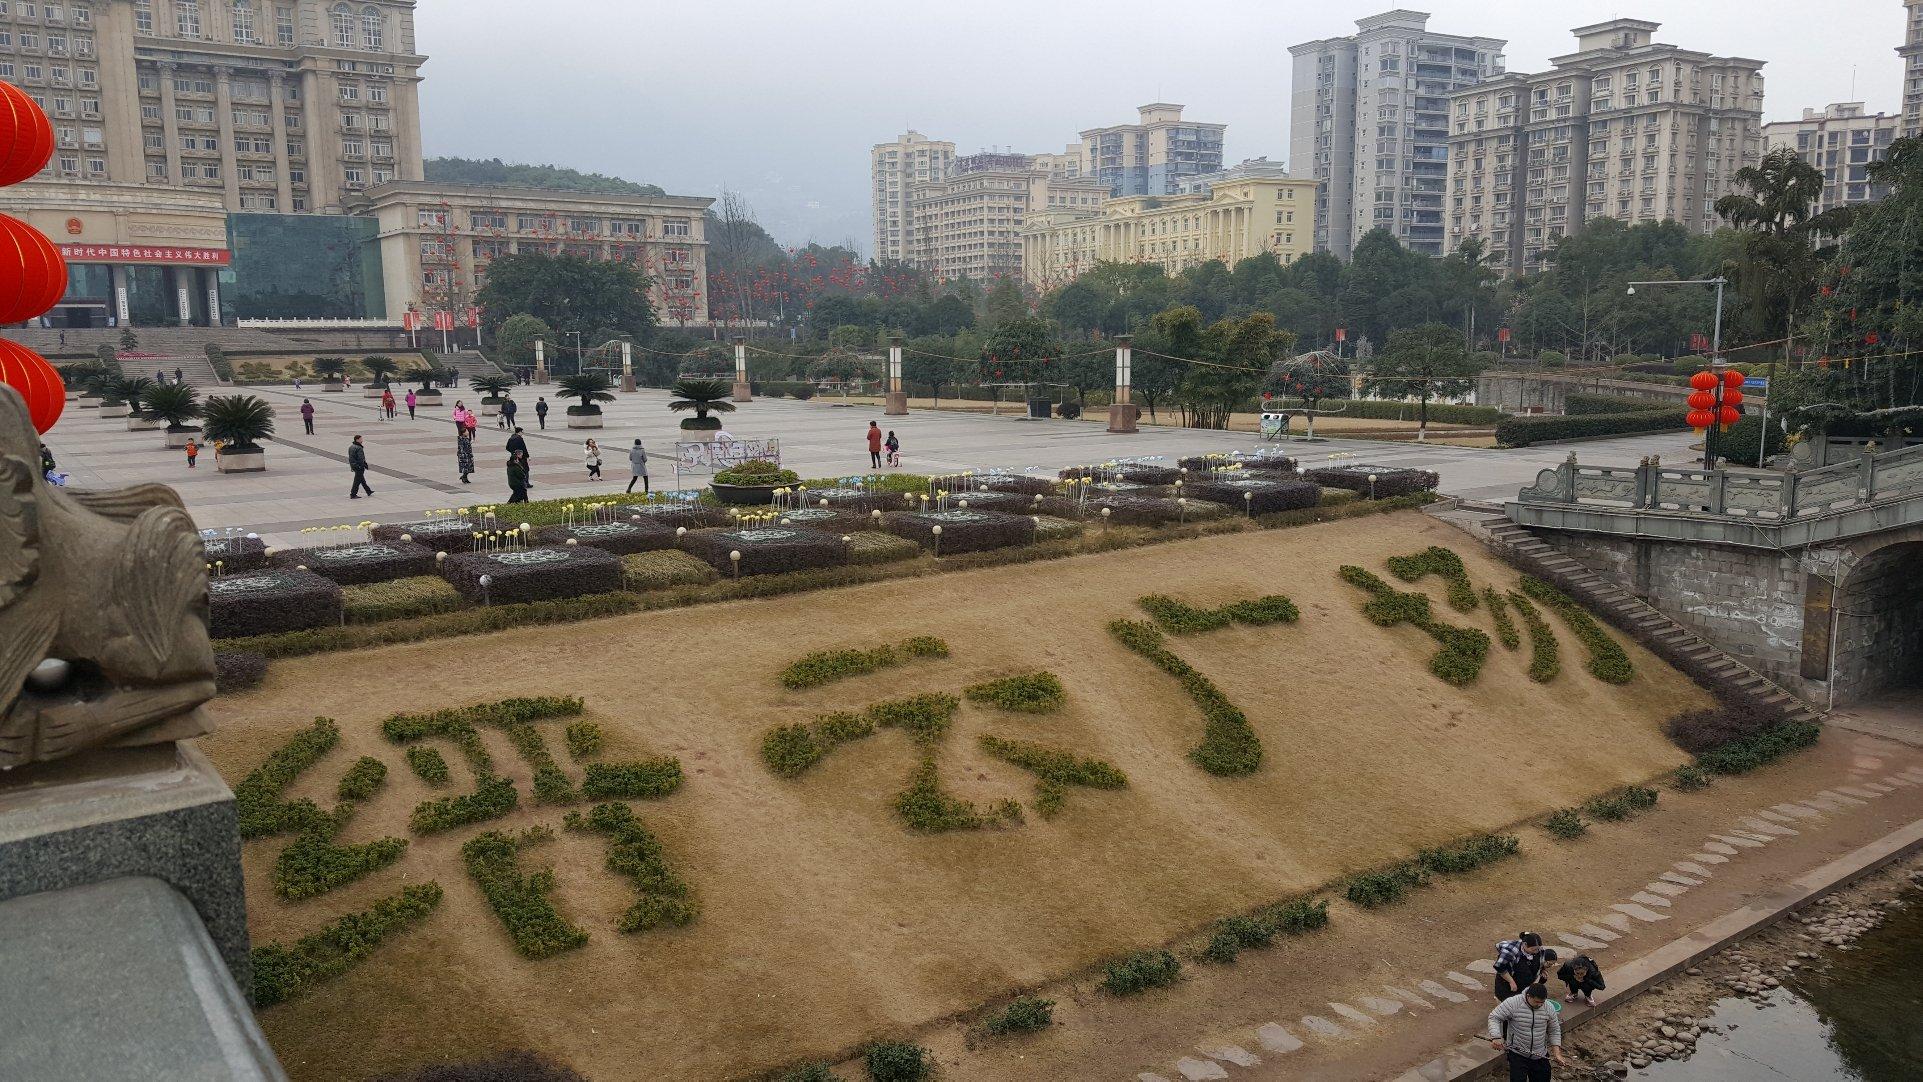 重庆市北碚区北温泉街道重庆市北碚老年大学世界竹文化博物馆天气预报